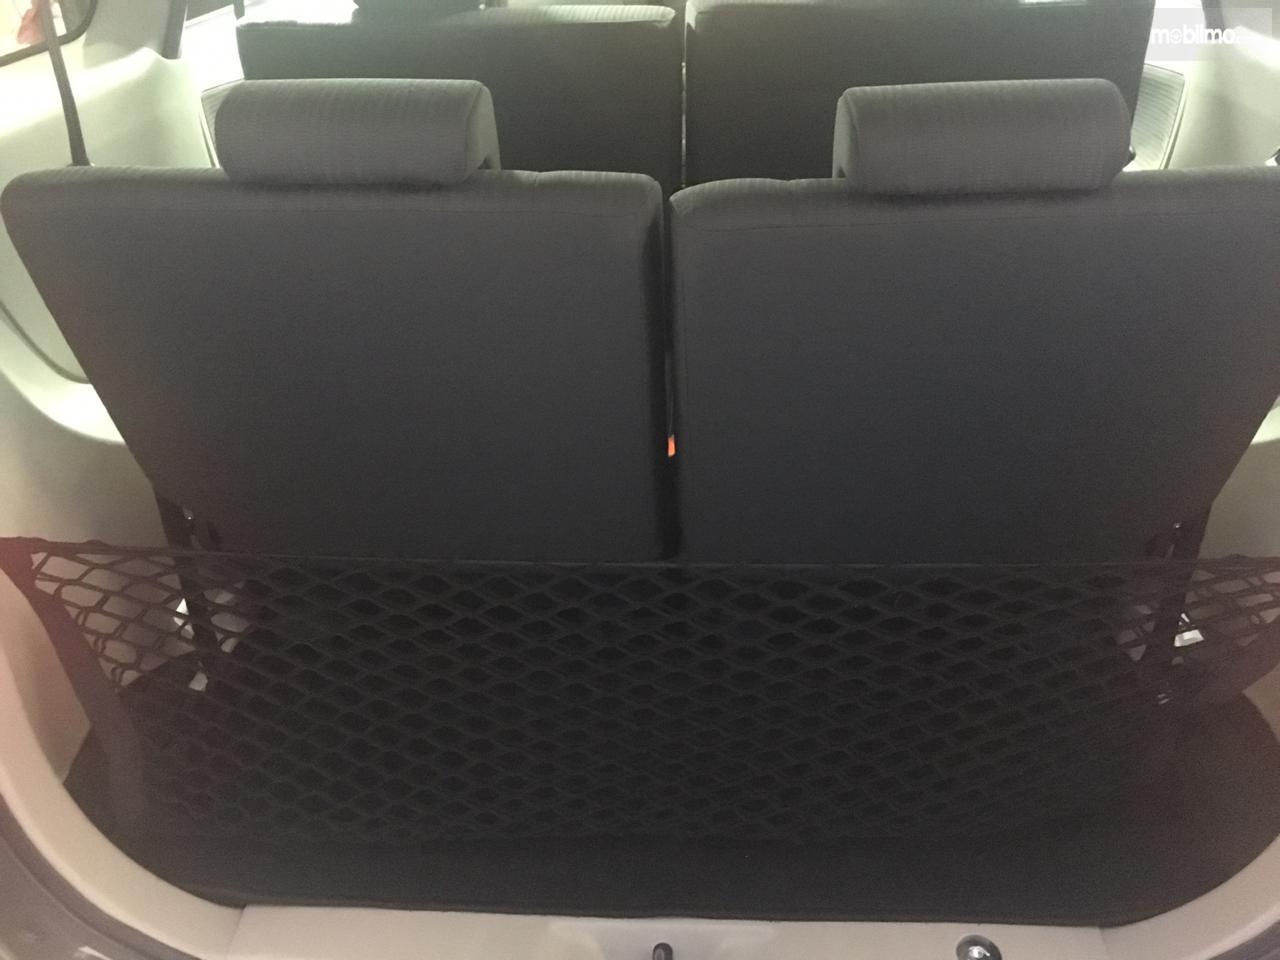 Tampak Bagasi Daihatsu Grand New Xenia R M/T 1.5 Deluxe 2019